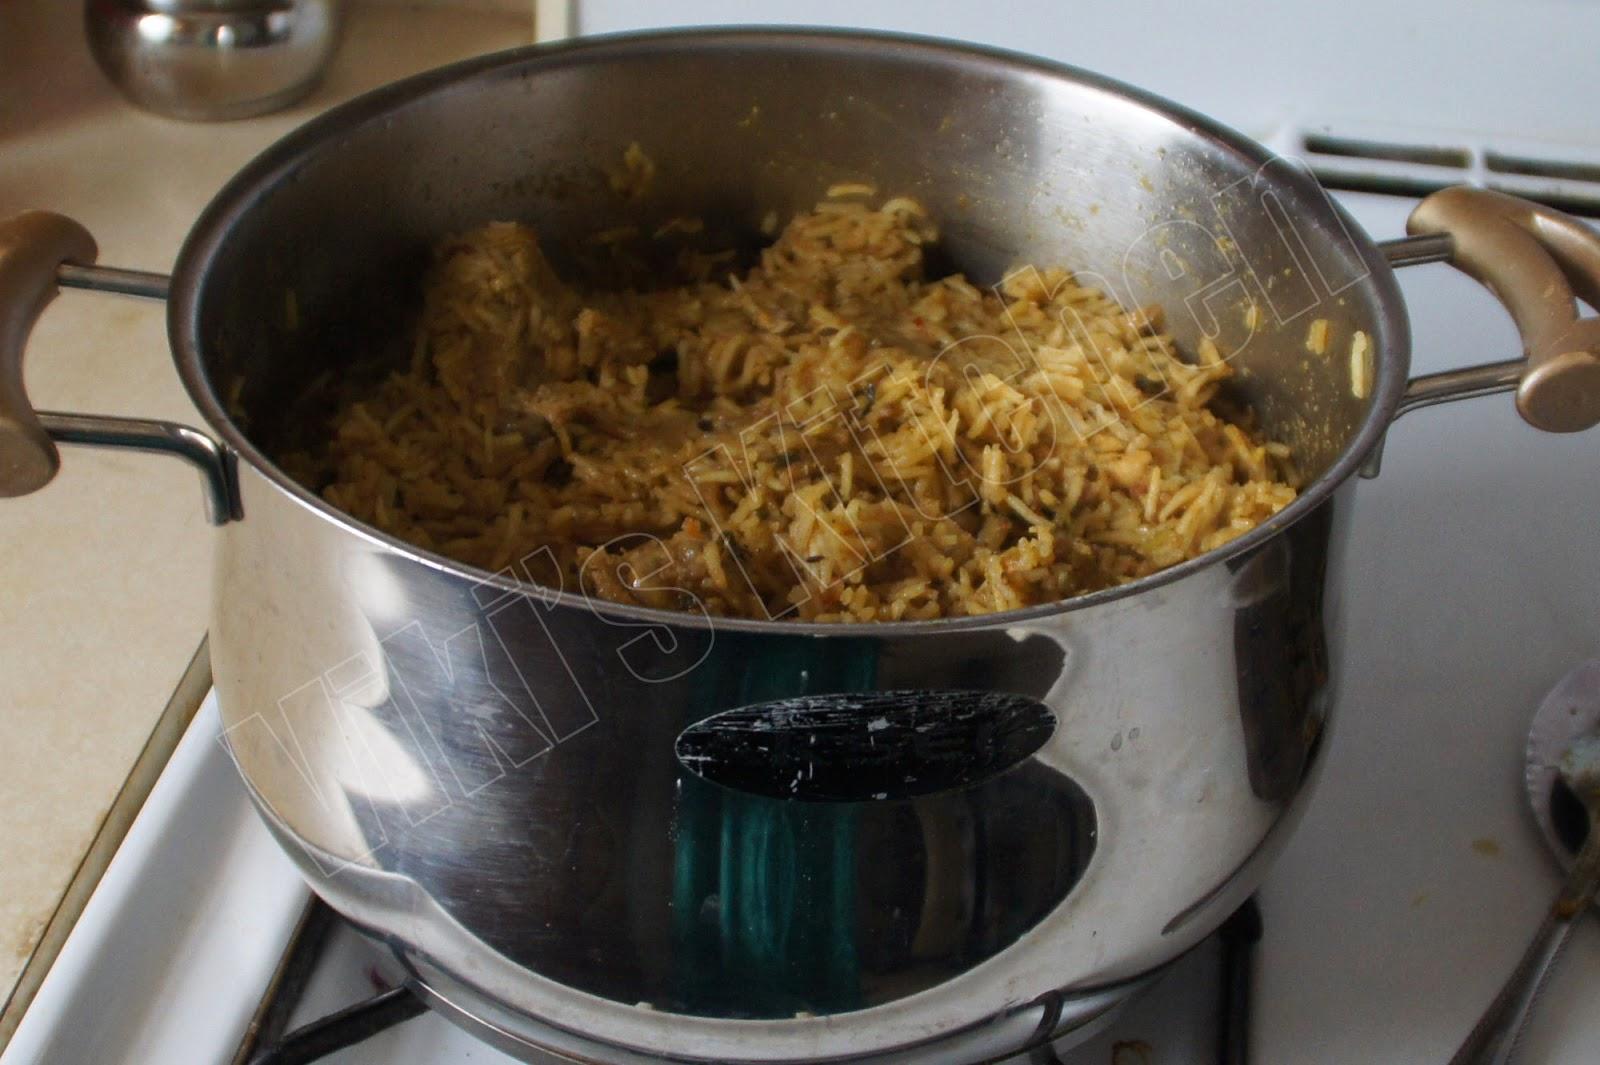 Viki s kitchen tamilnadu muslims wedding special biriyani briyani after dum cooking forumfinder Image collections